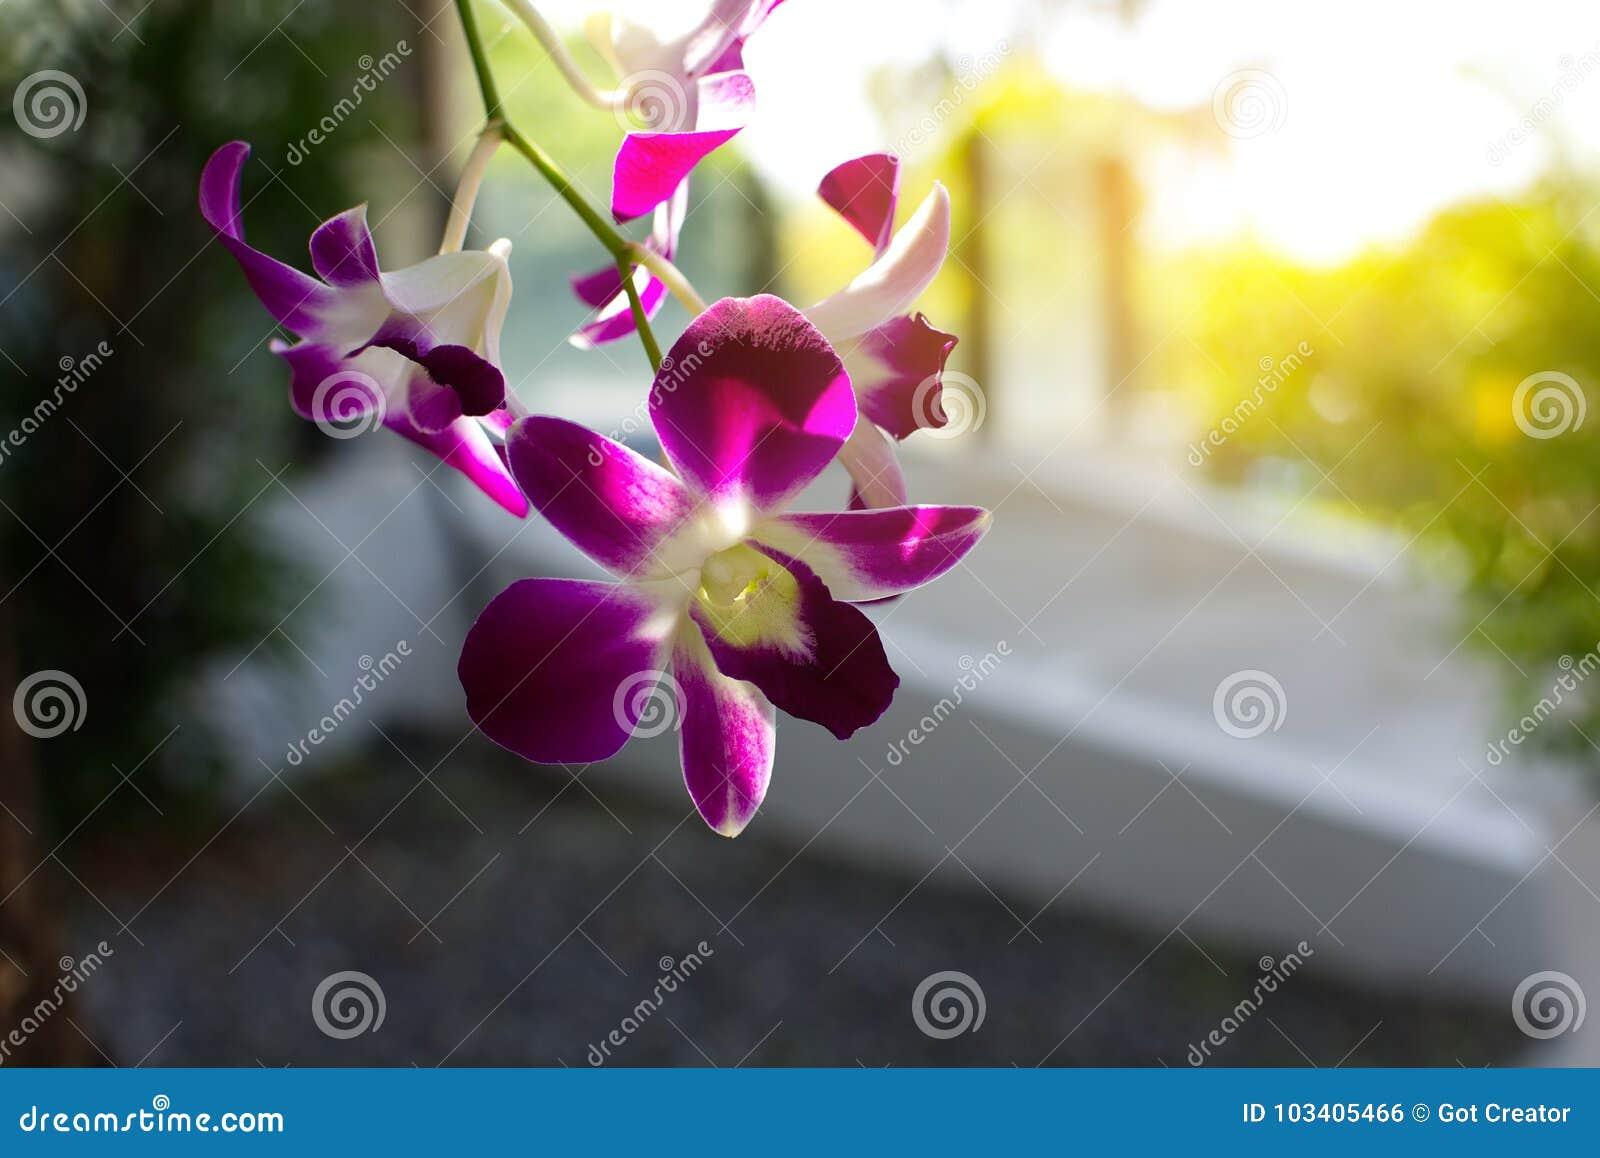 Delicate scarlet purple flower phalaenopsis orchid.